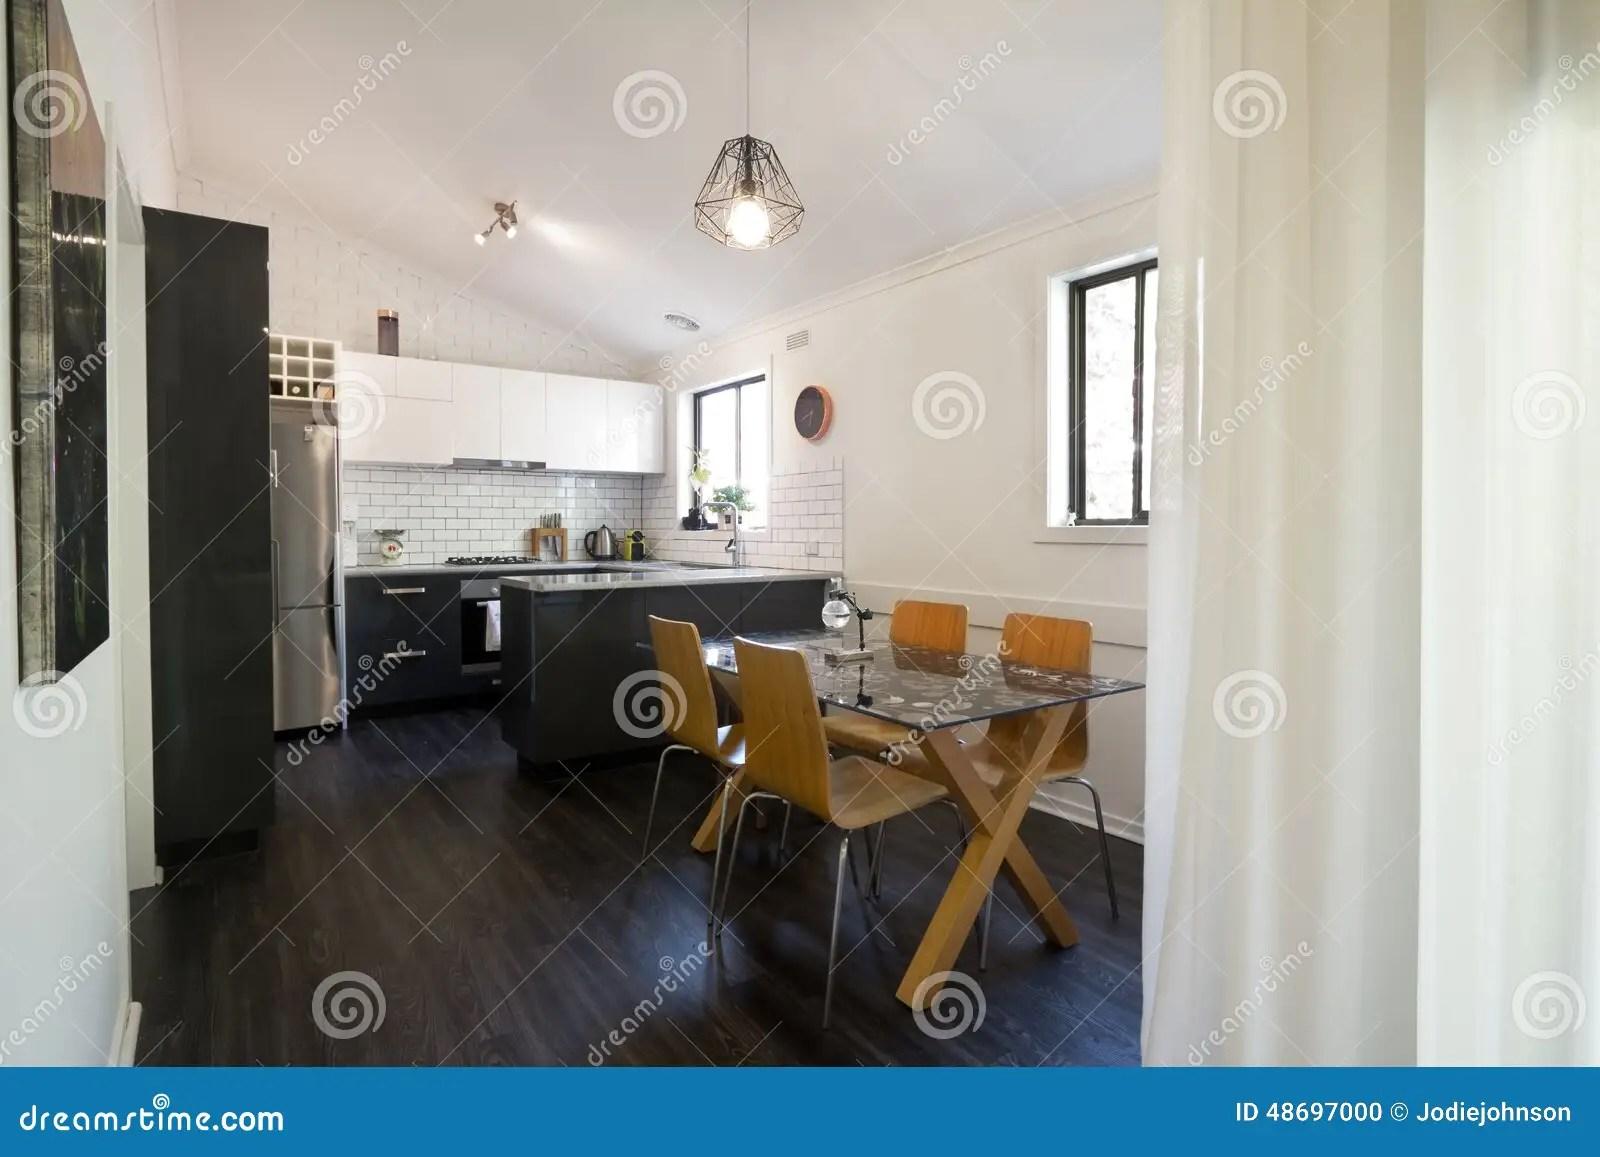 updated kitchens turquoise kitchen chairs 开放学制被更新的厨房和饭厅库存照片 图片包括有窗帘 计划 用餐 愤怒 开放学制被更新的厨房和饭厅